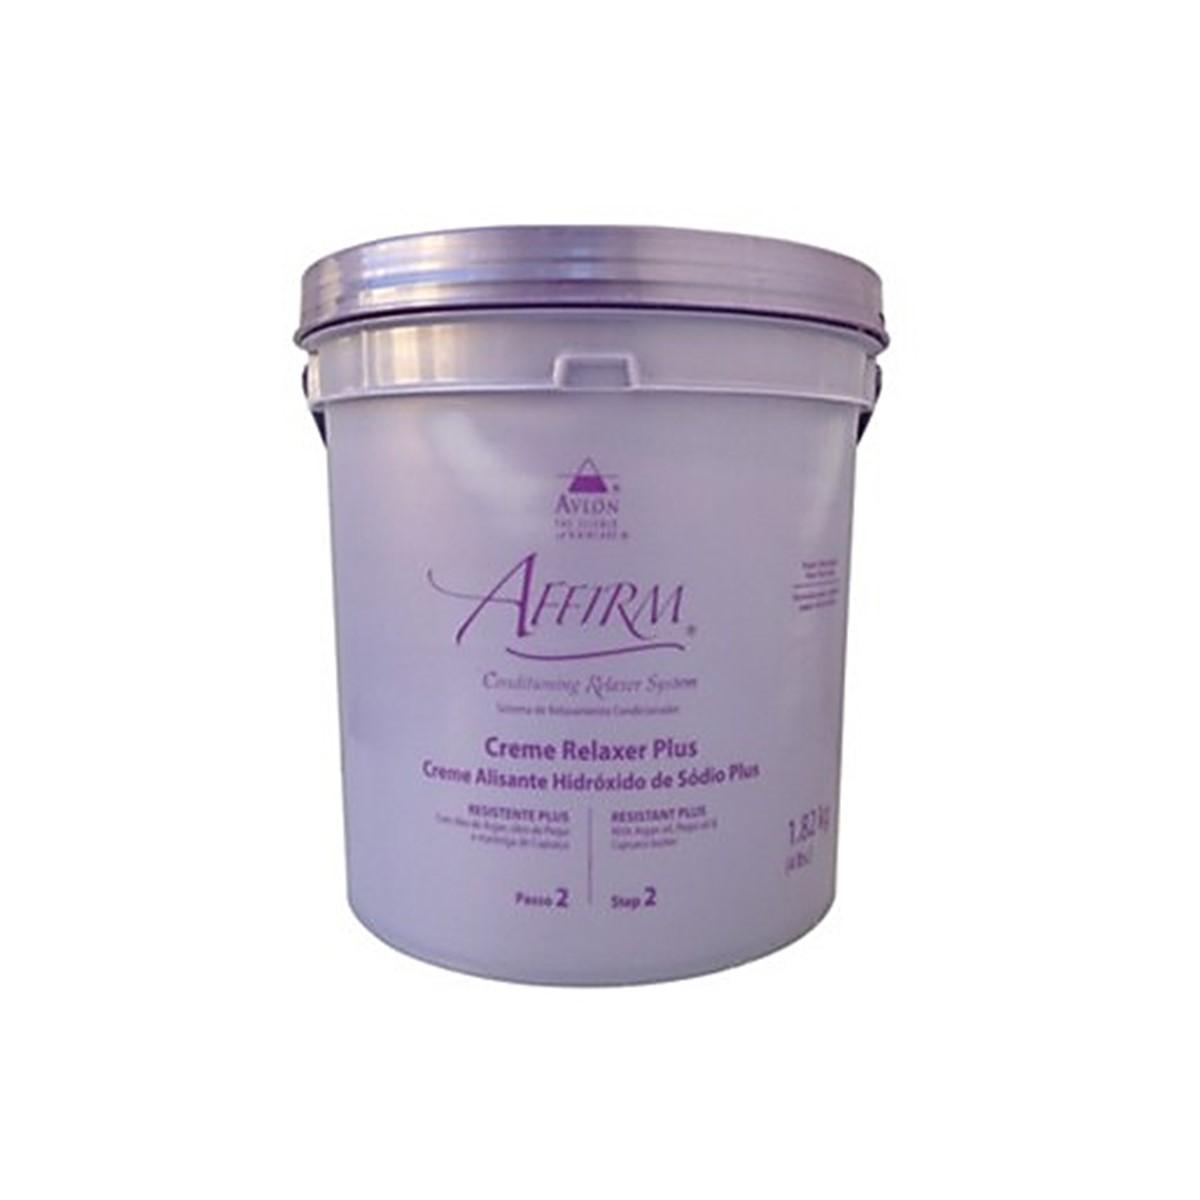 Avlon Affirm Creme Alisante Hidróxido de Sódio Resistente Plus 1,8 Kg - G